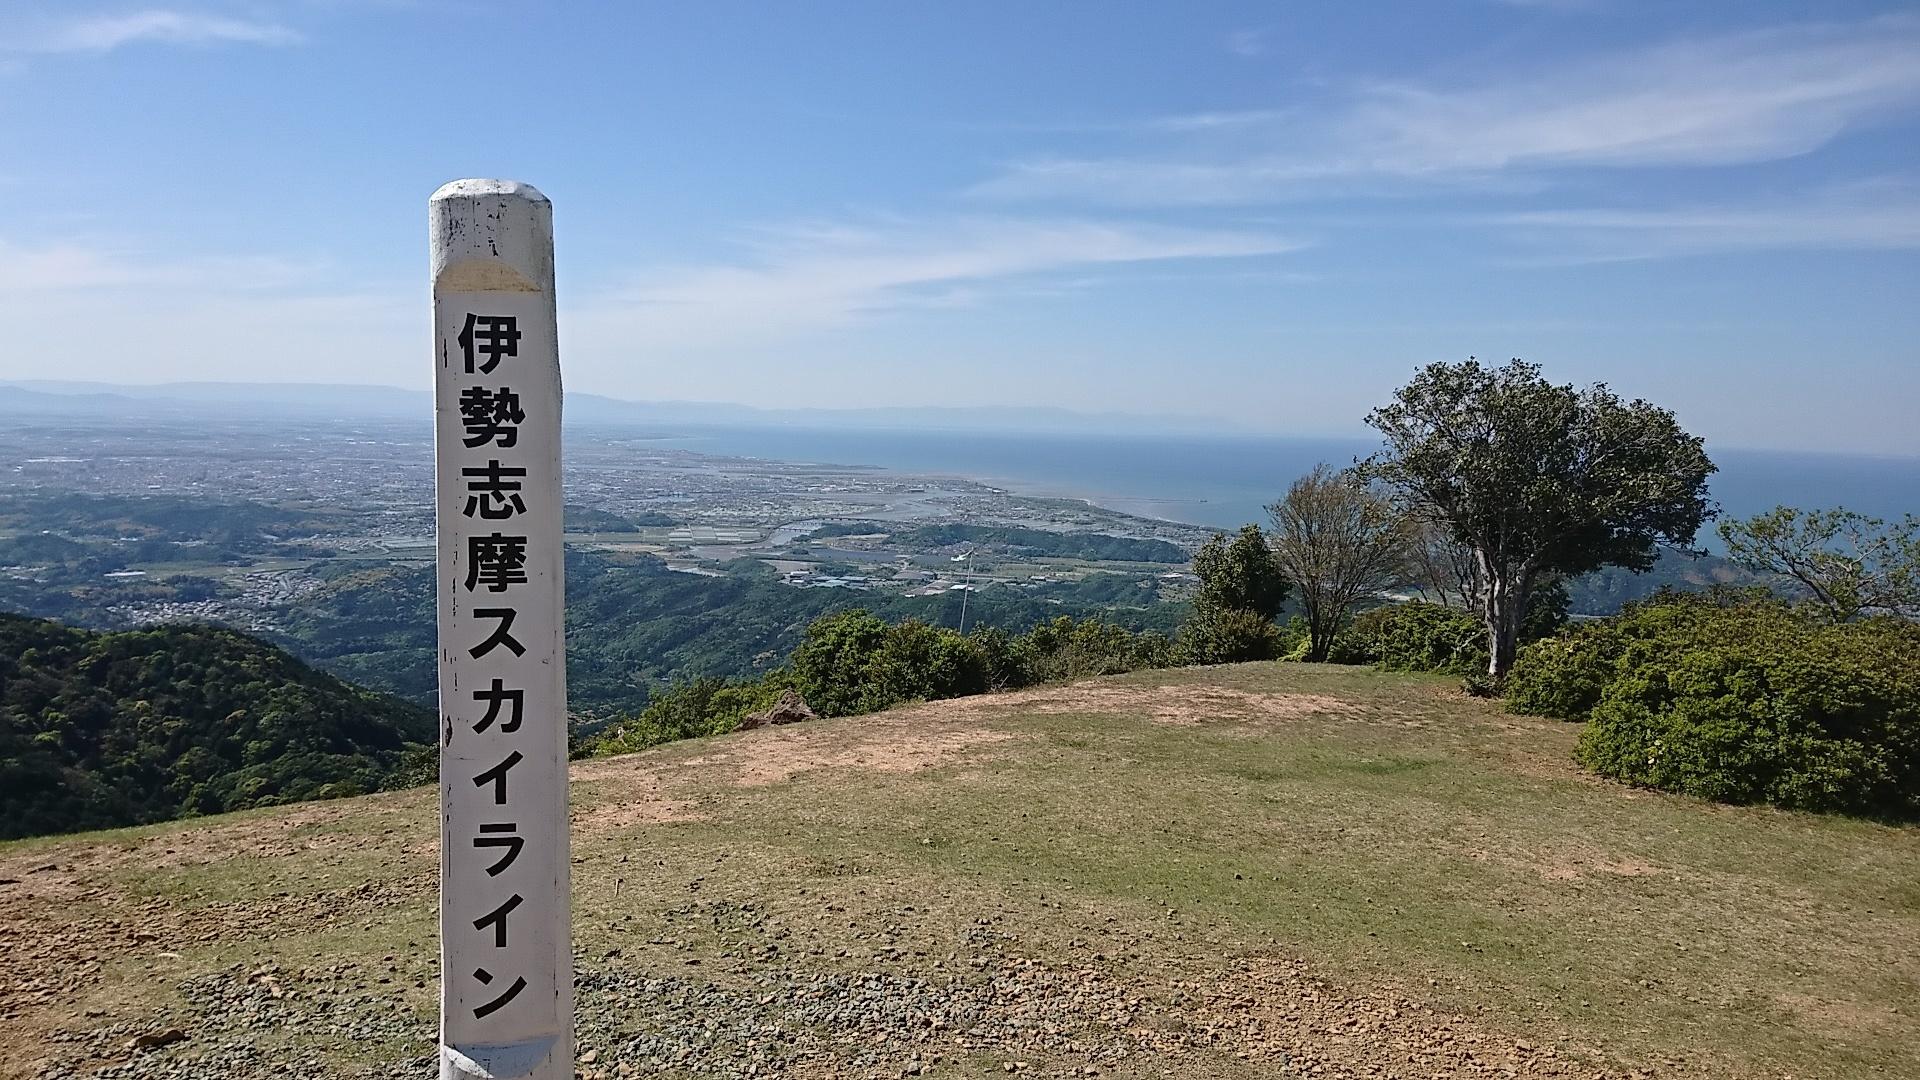 スカイライン 伊勢 志摩